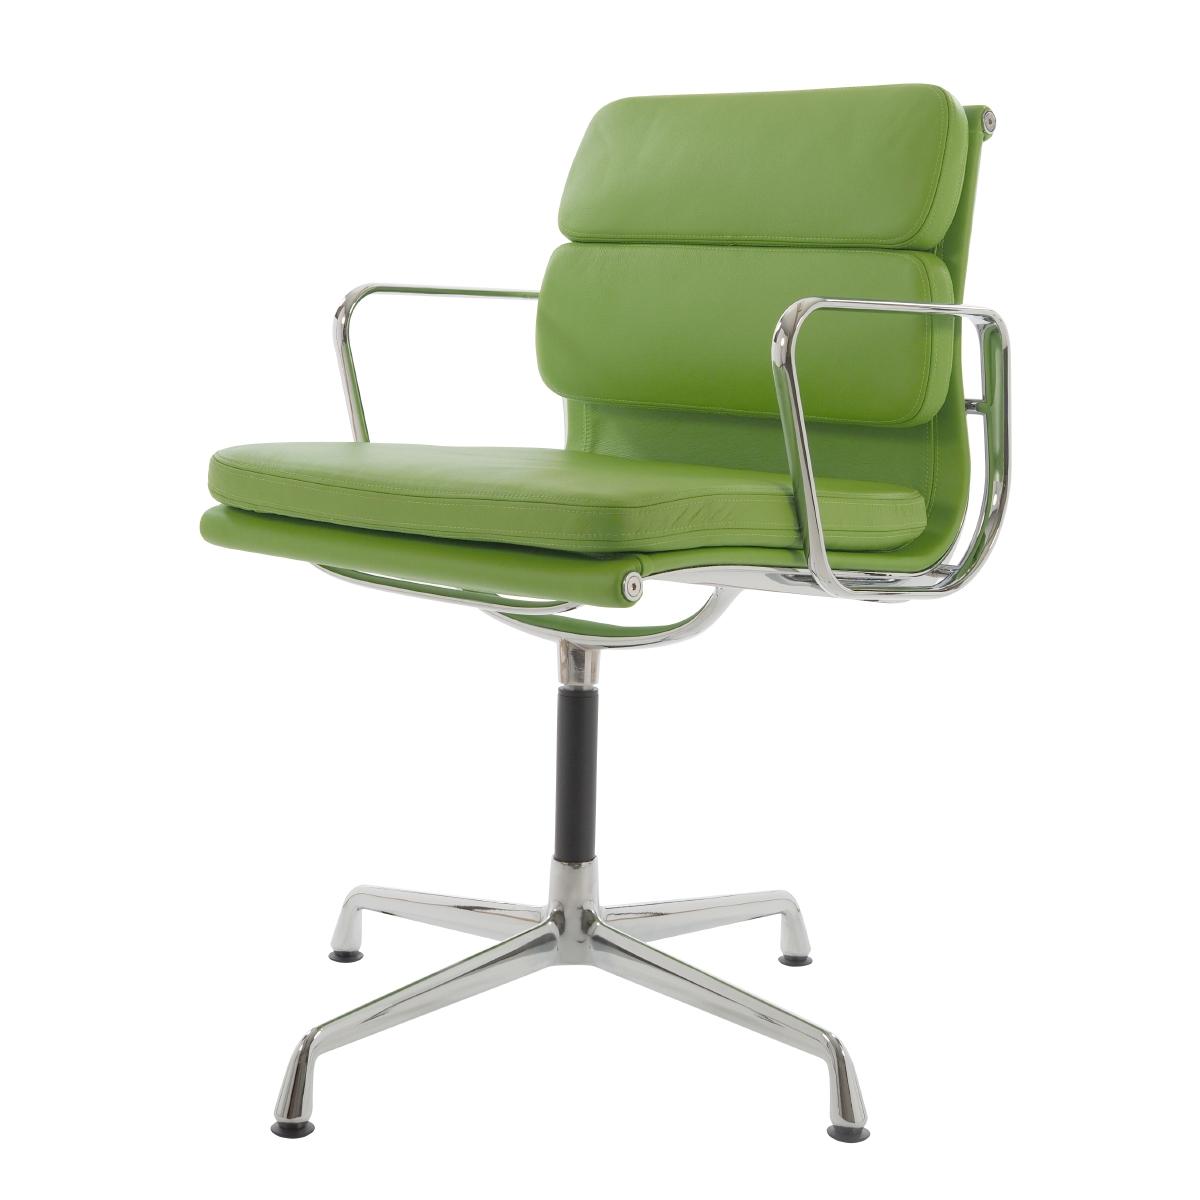 krzesło konferencyjne EA208 zielony